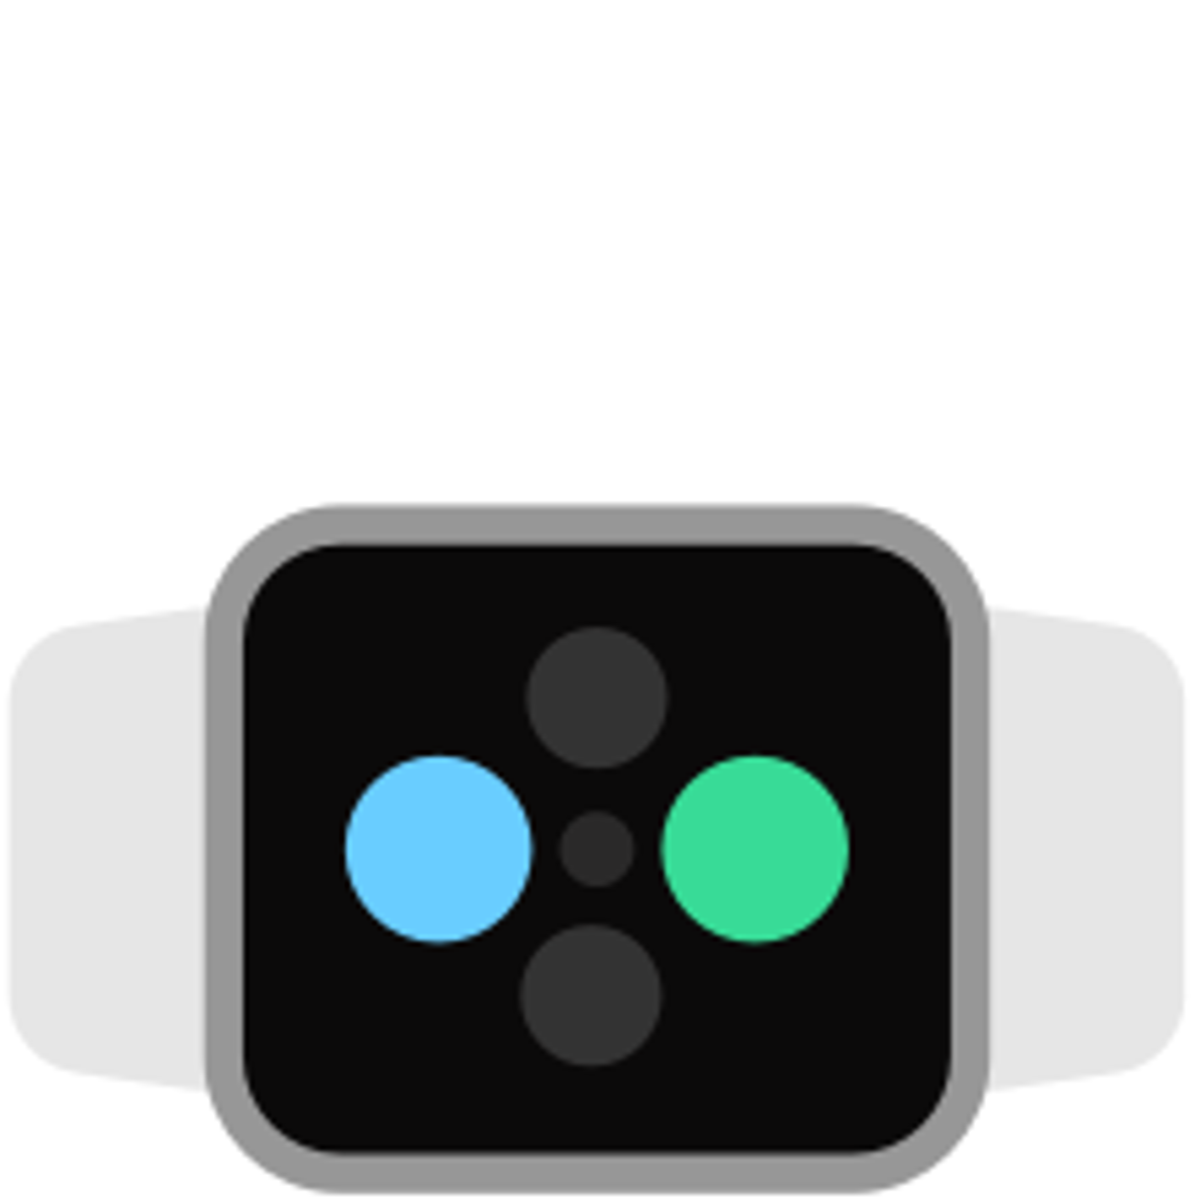 10 timeline applewatch launch 2x